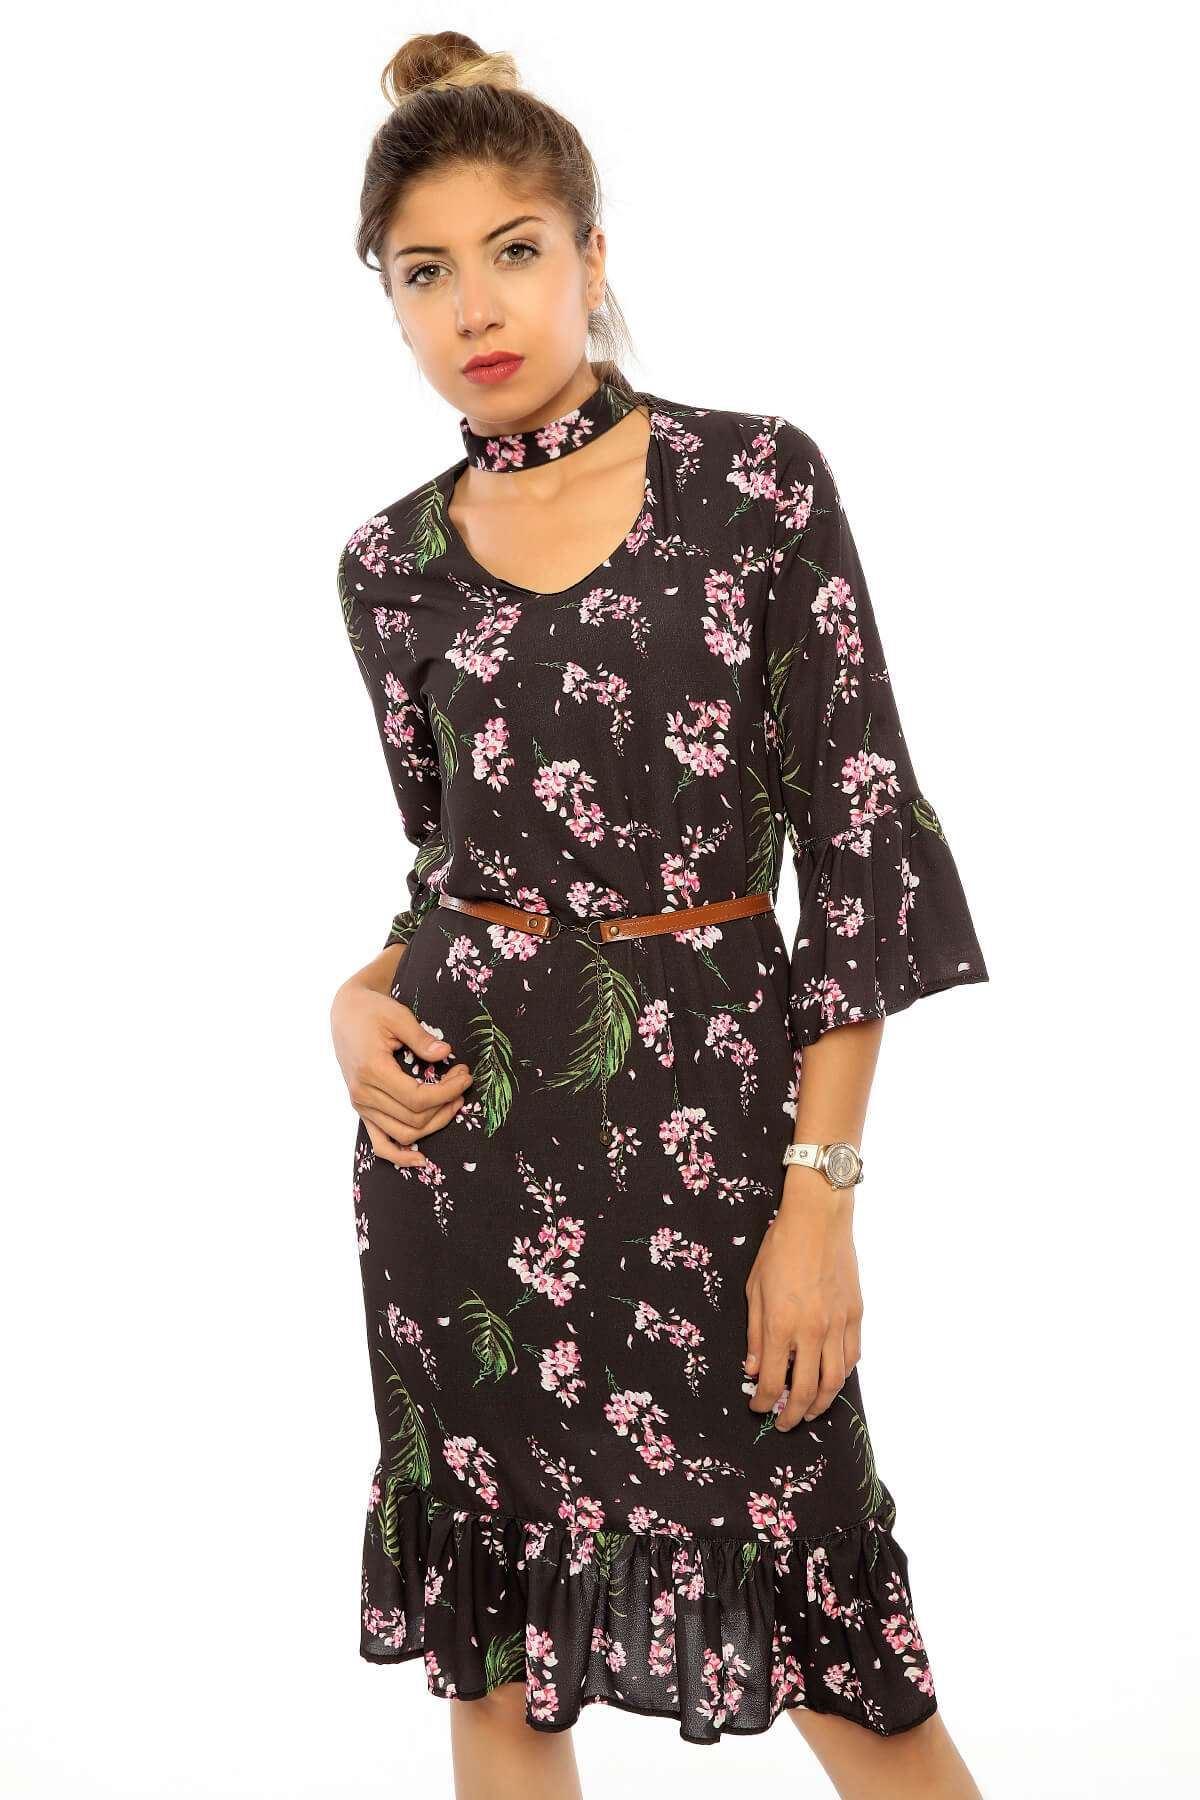 Kemerli Tasma Yaka Fırfırlı Elbise Siyah